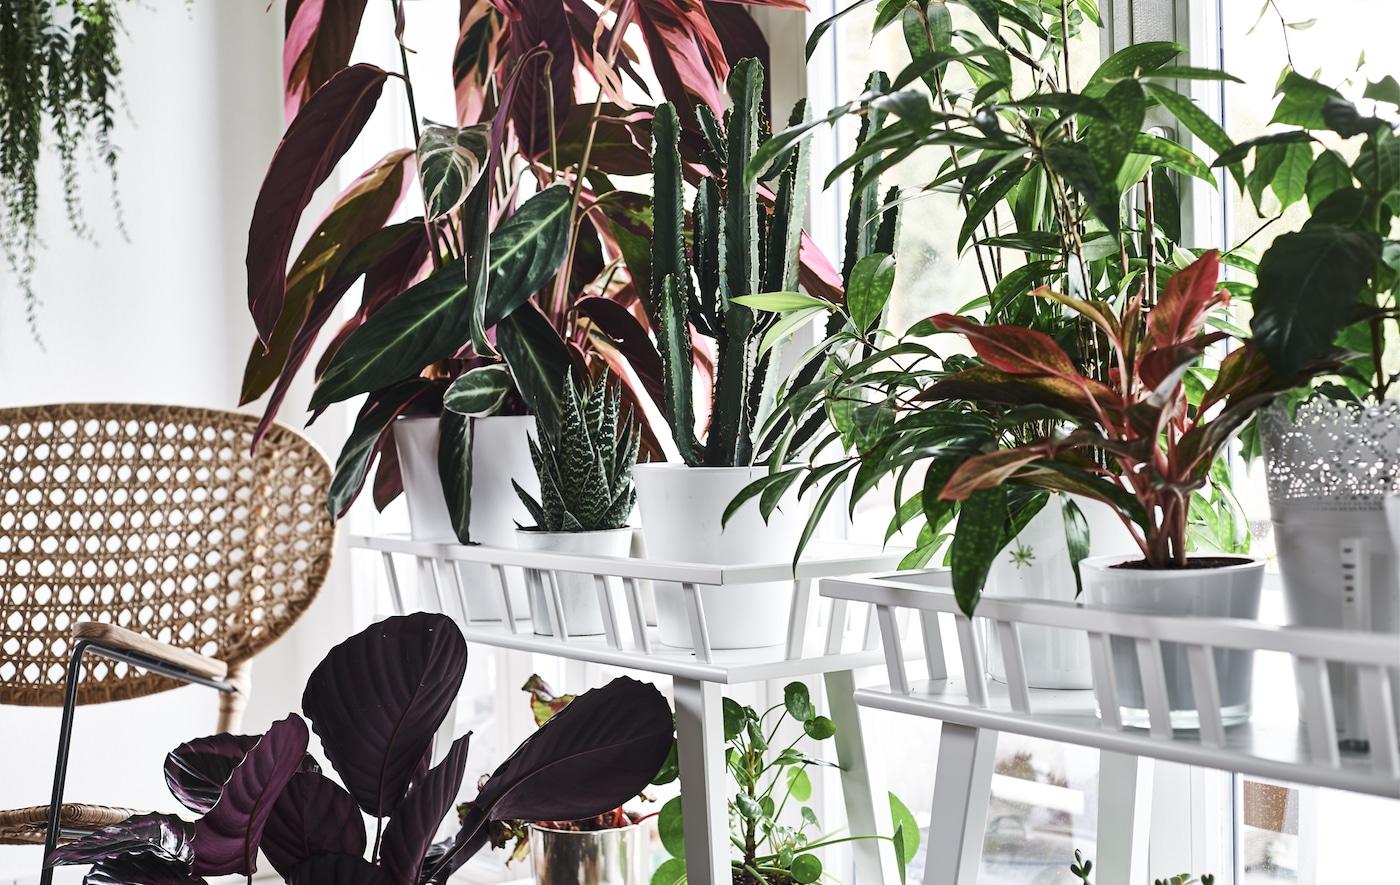 Verde di diverse tonalità su un piedistallo tra una finestra e una sedia di vimini - IKEA